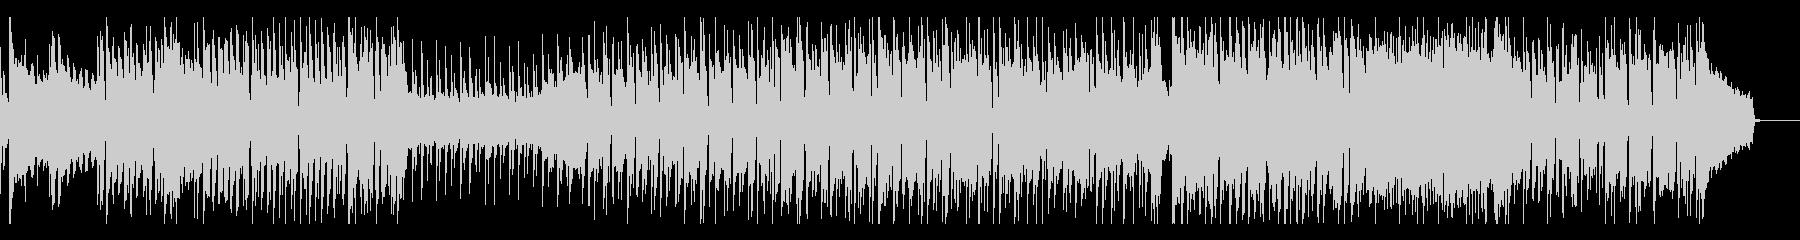 疾走感あるクールなバンドサウンドの未再生の波形